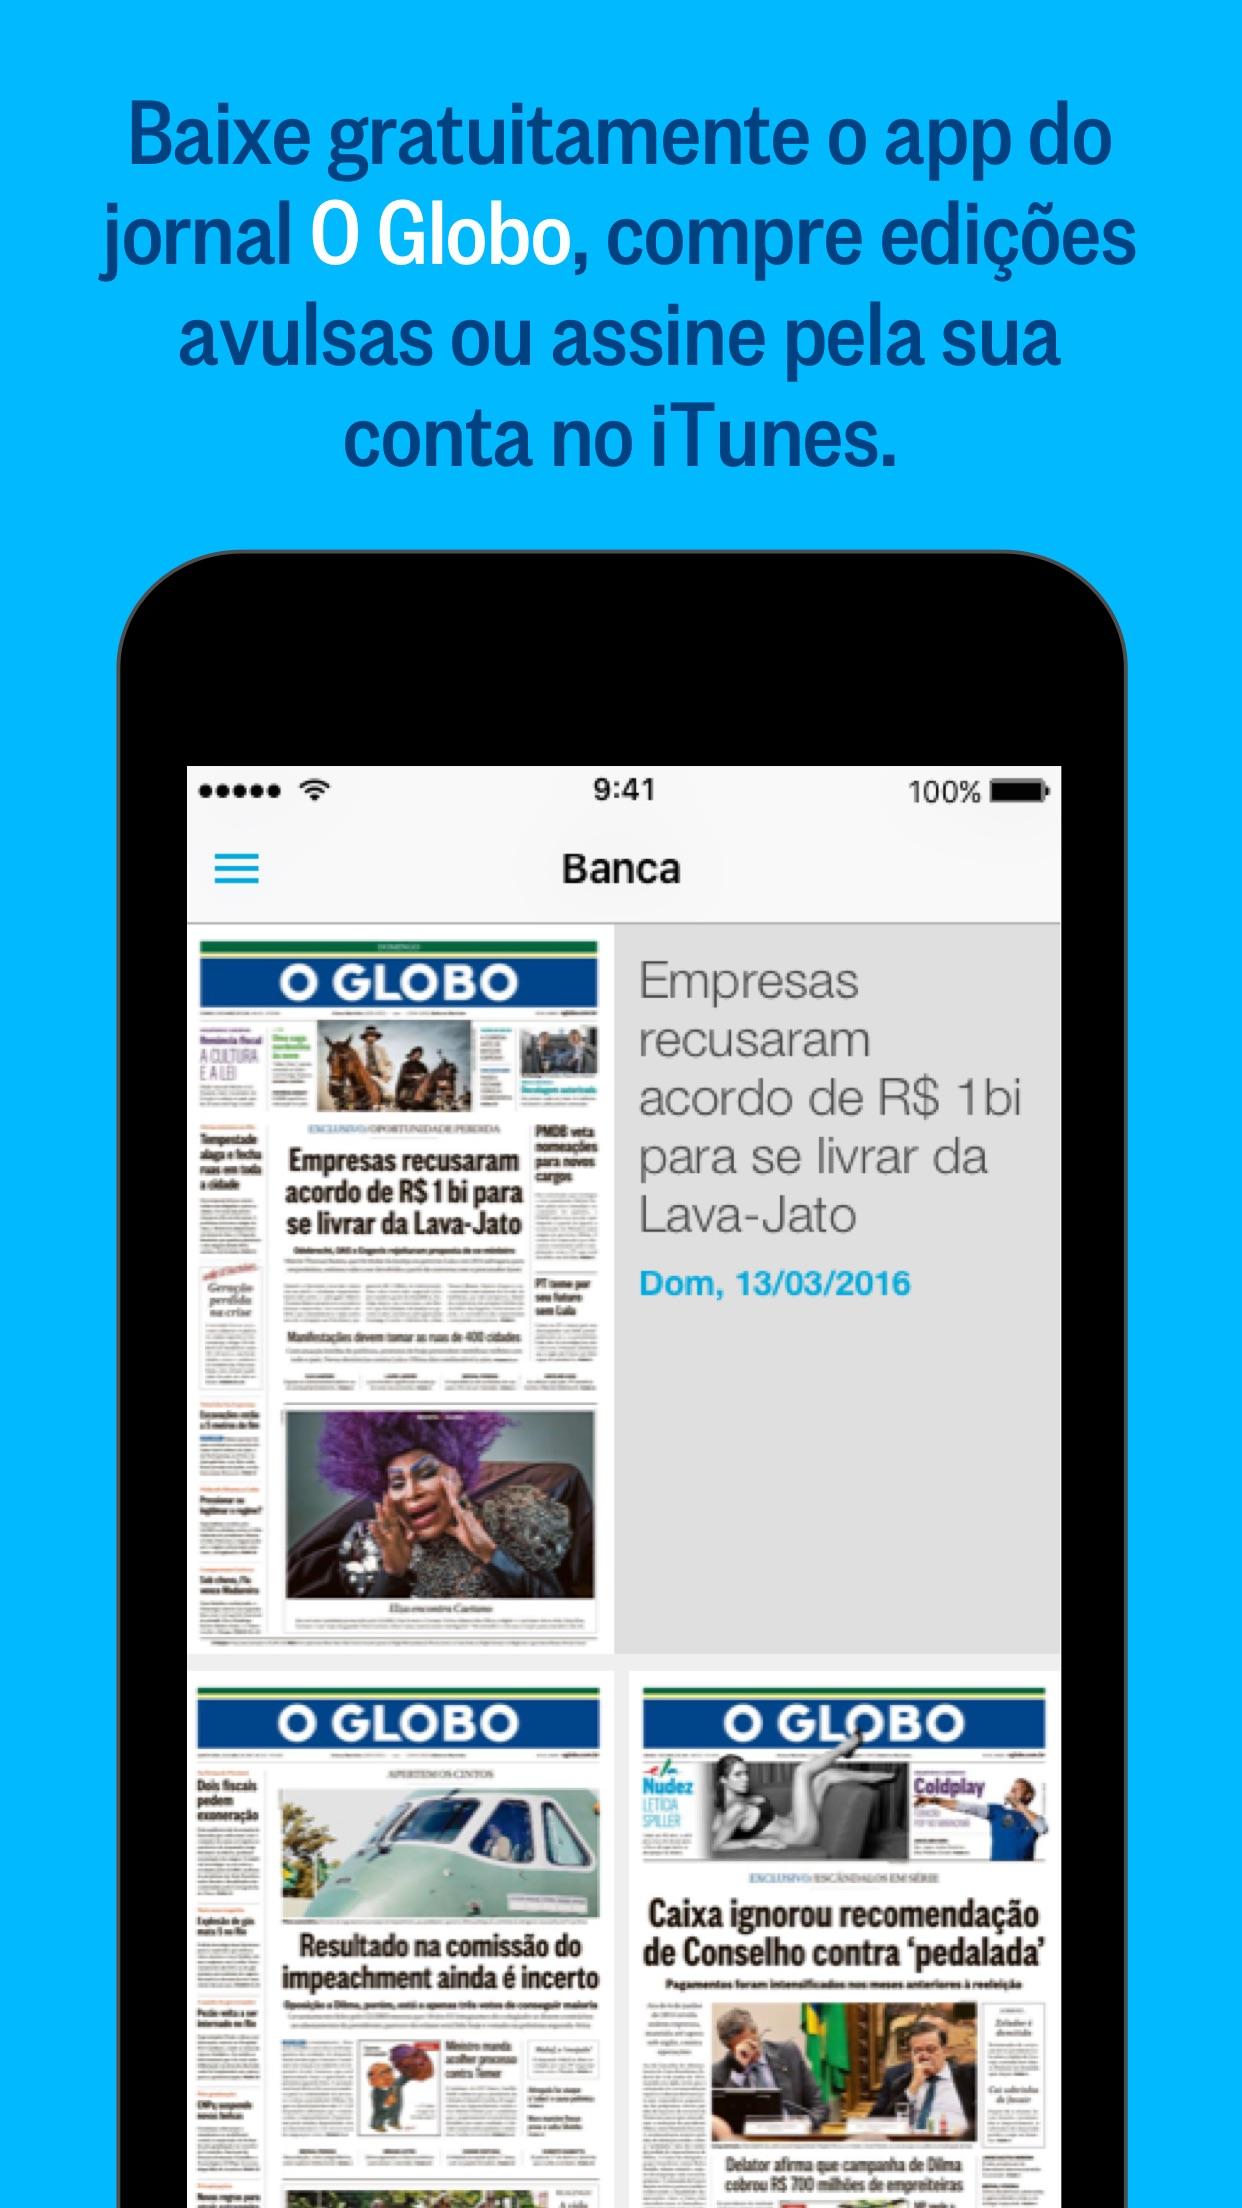 O Globo Screenshot